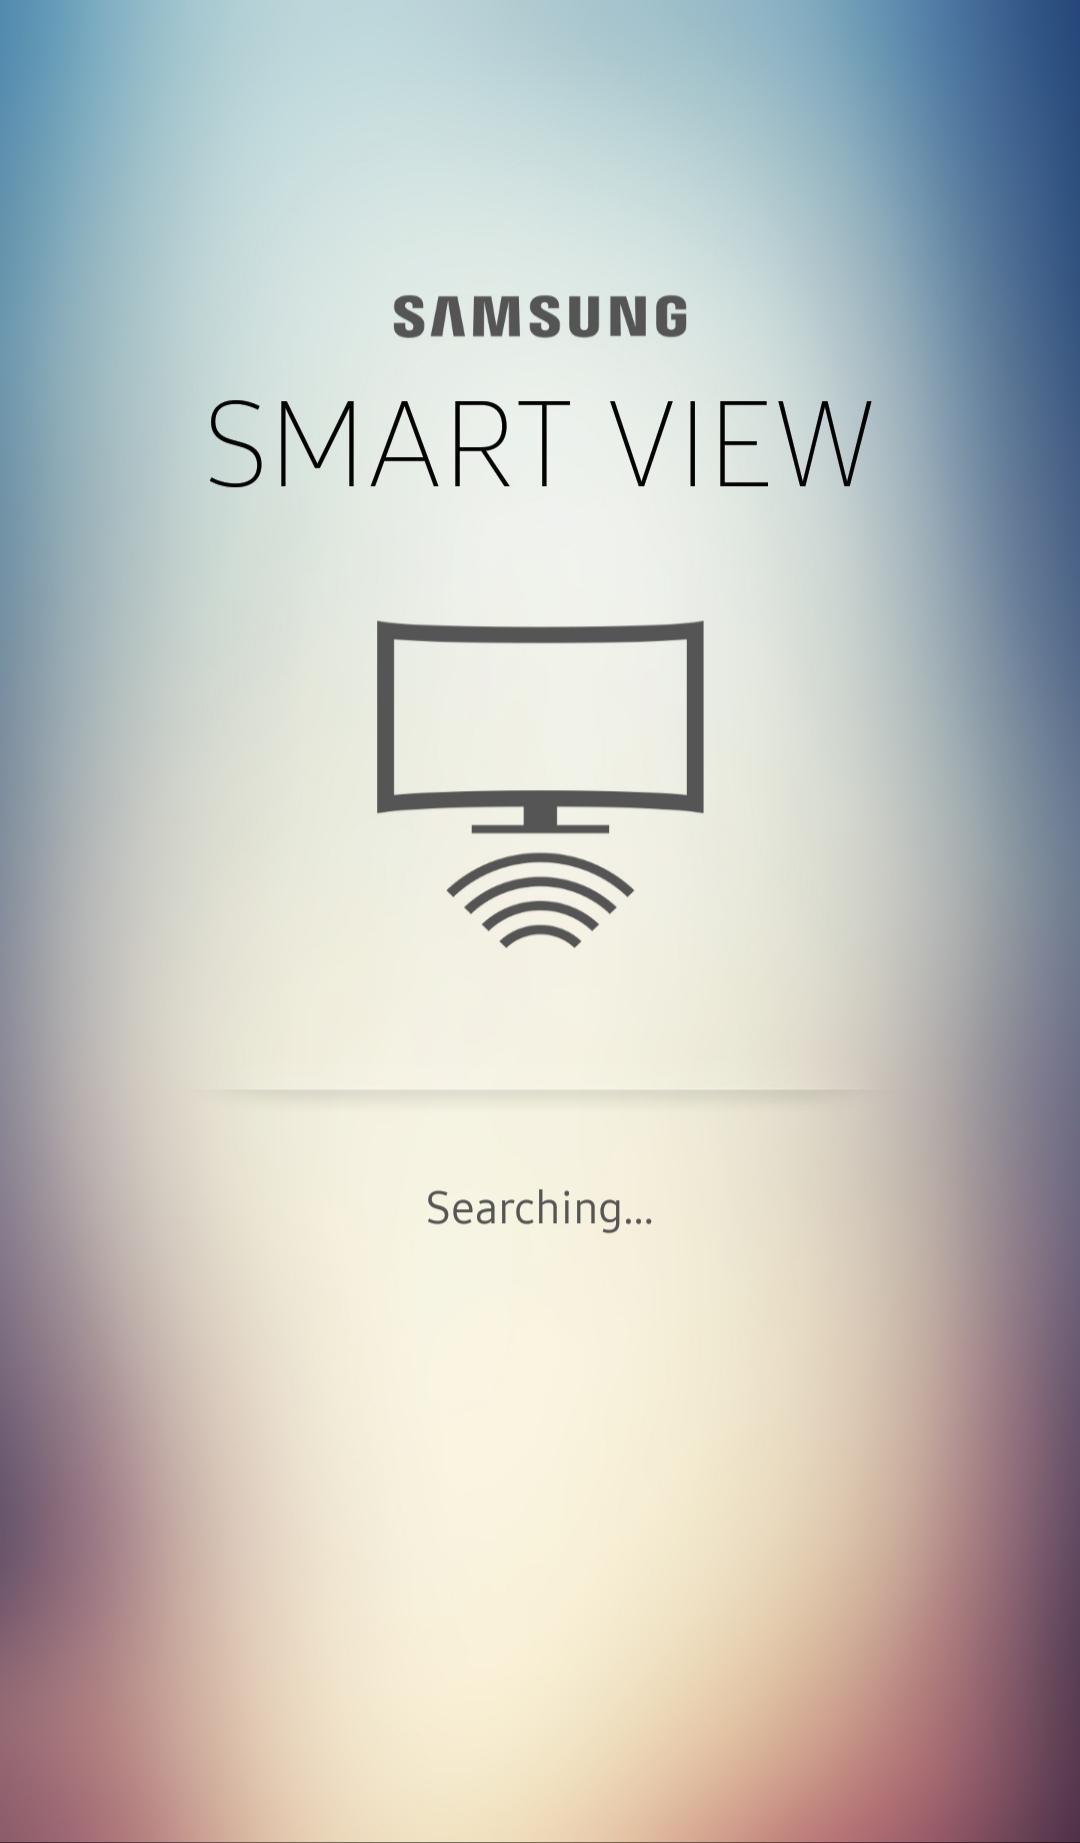 Ứng dụng Smart View tự động tìm kiếm Tivi để kết nối